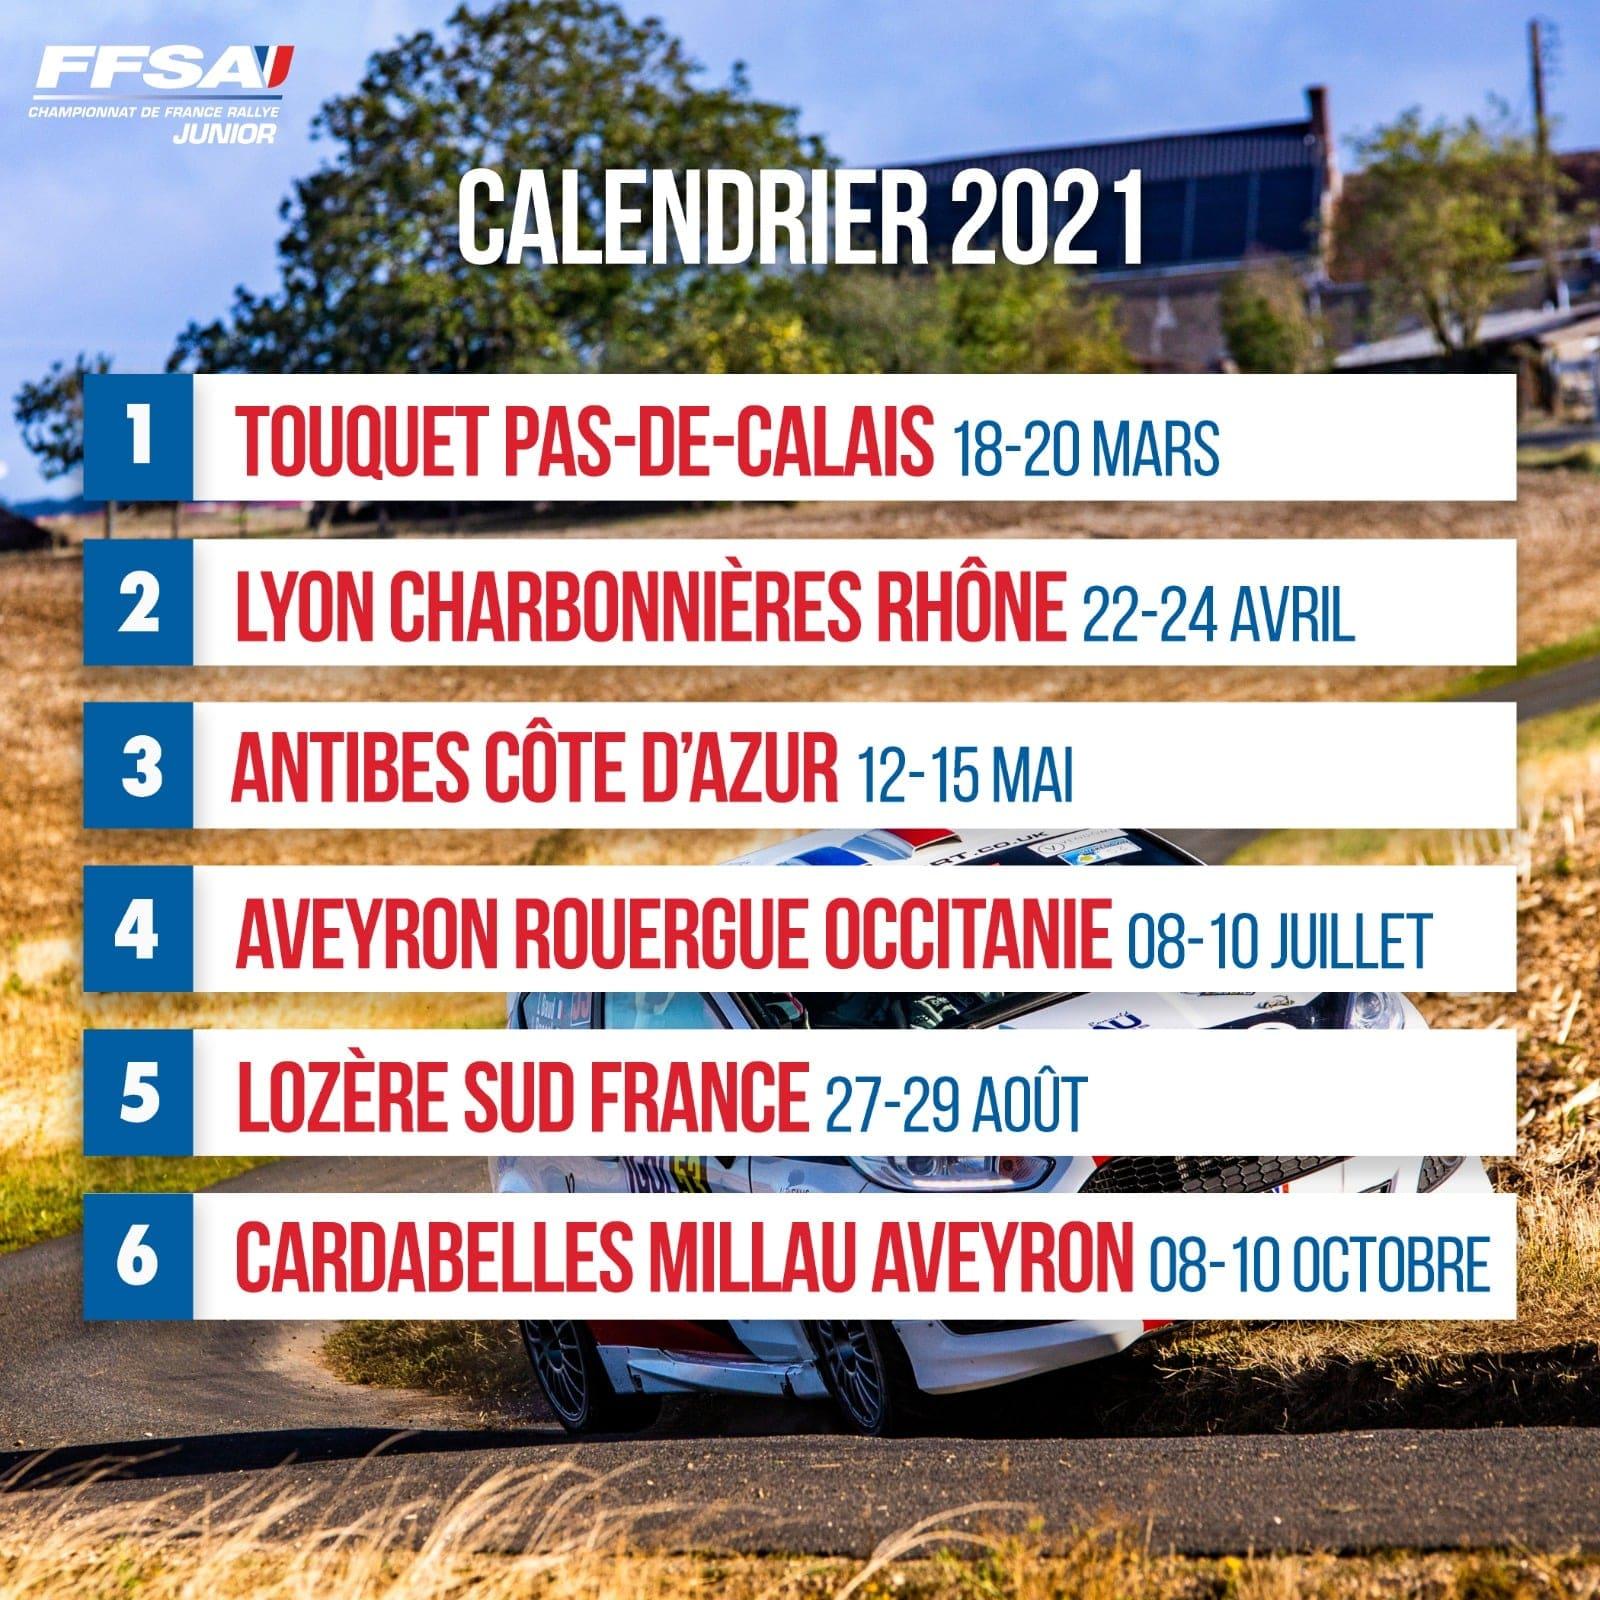 Calendrier du Championnat de France des Rallyes Junior 2021